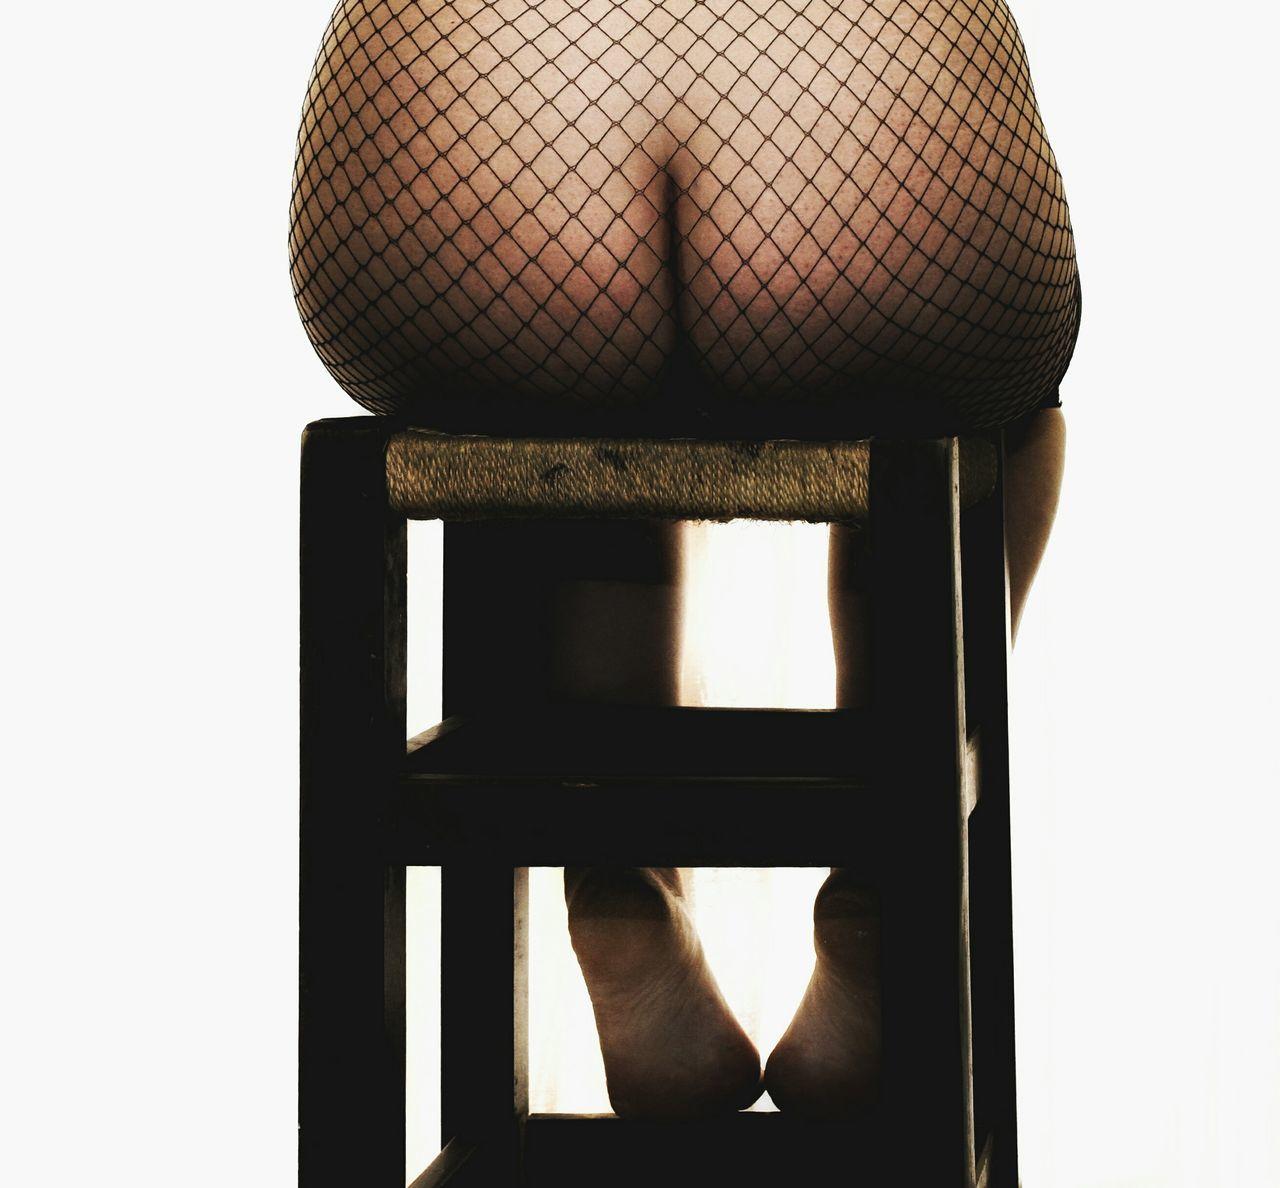 Sigo esperandote... Curves Silhouette Lingerie Sensuality Photo Female Community